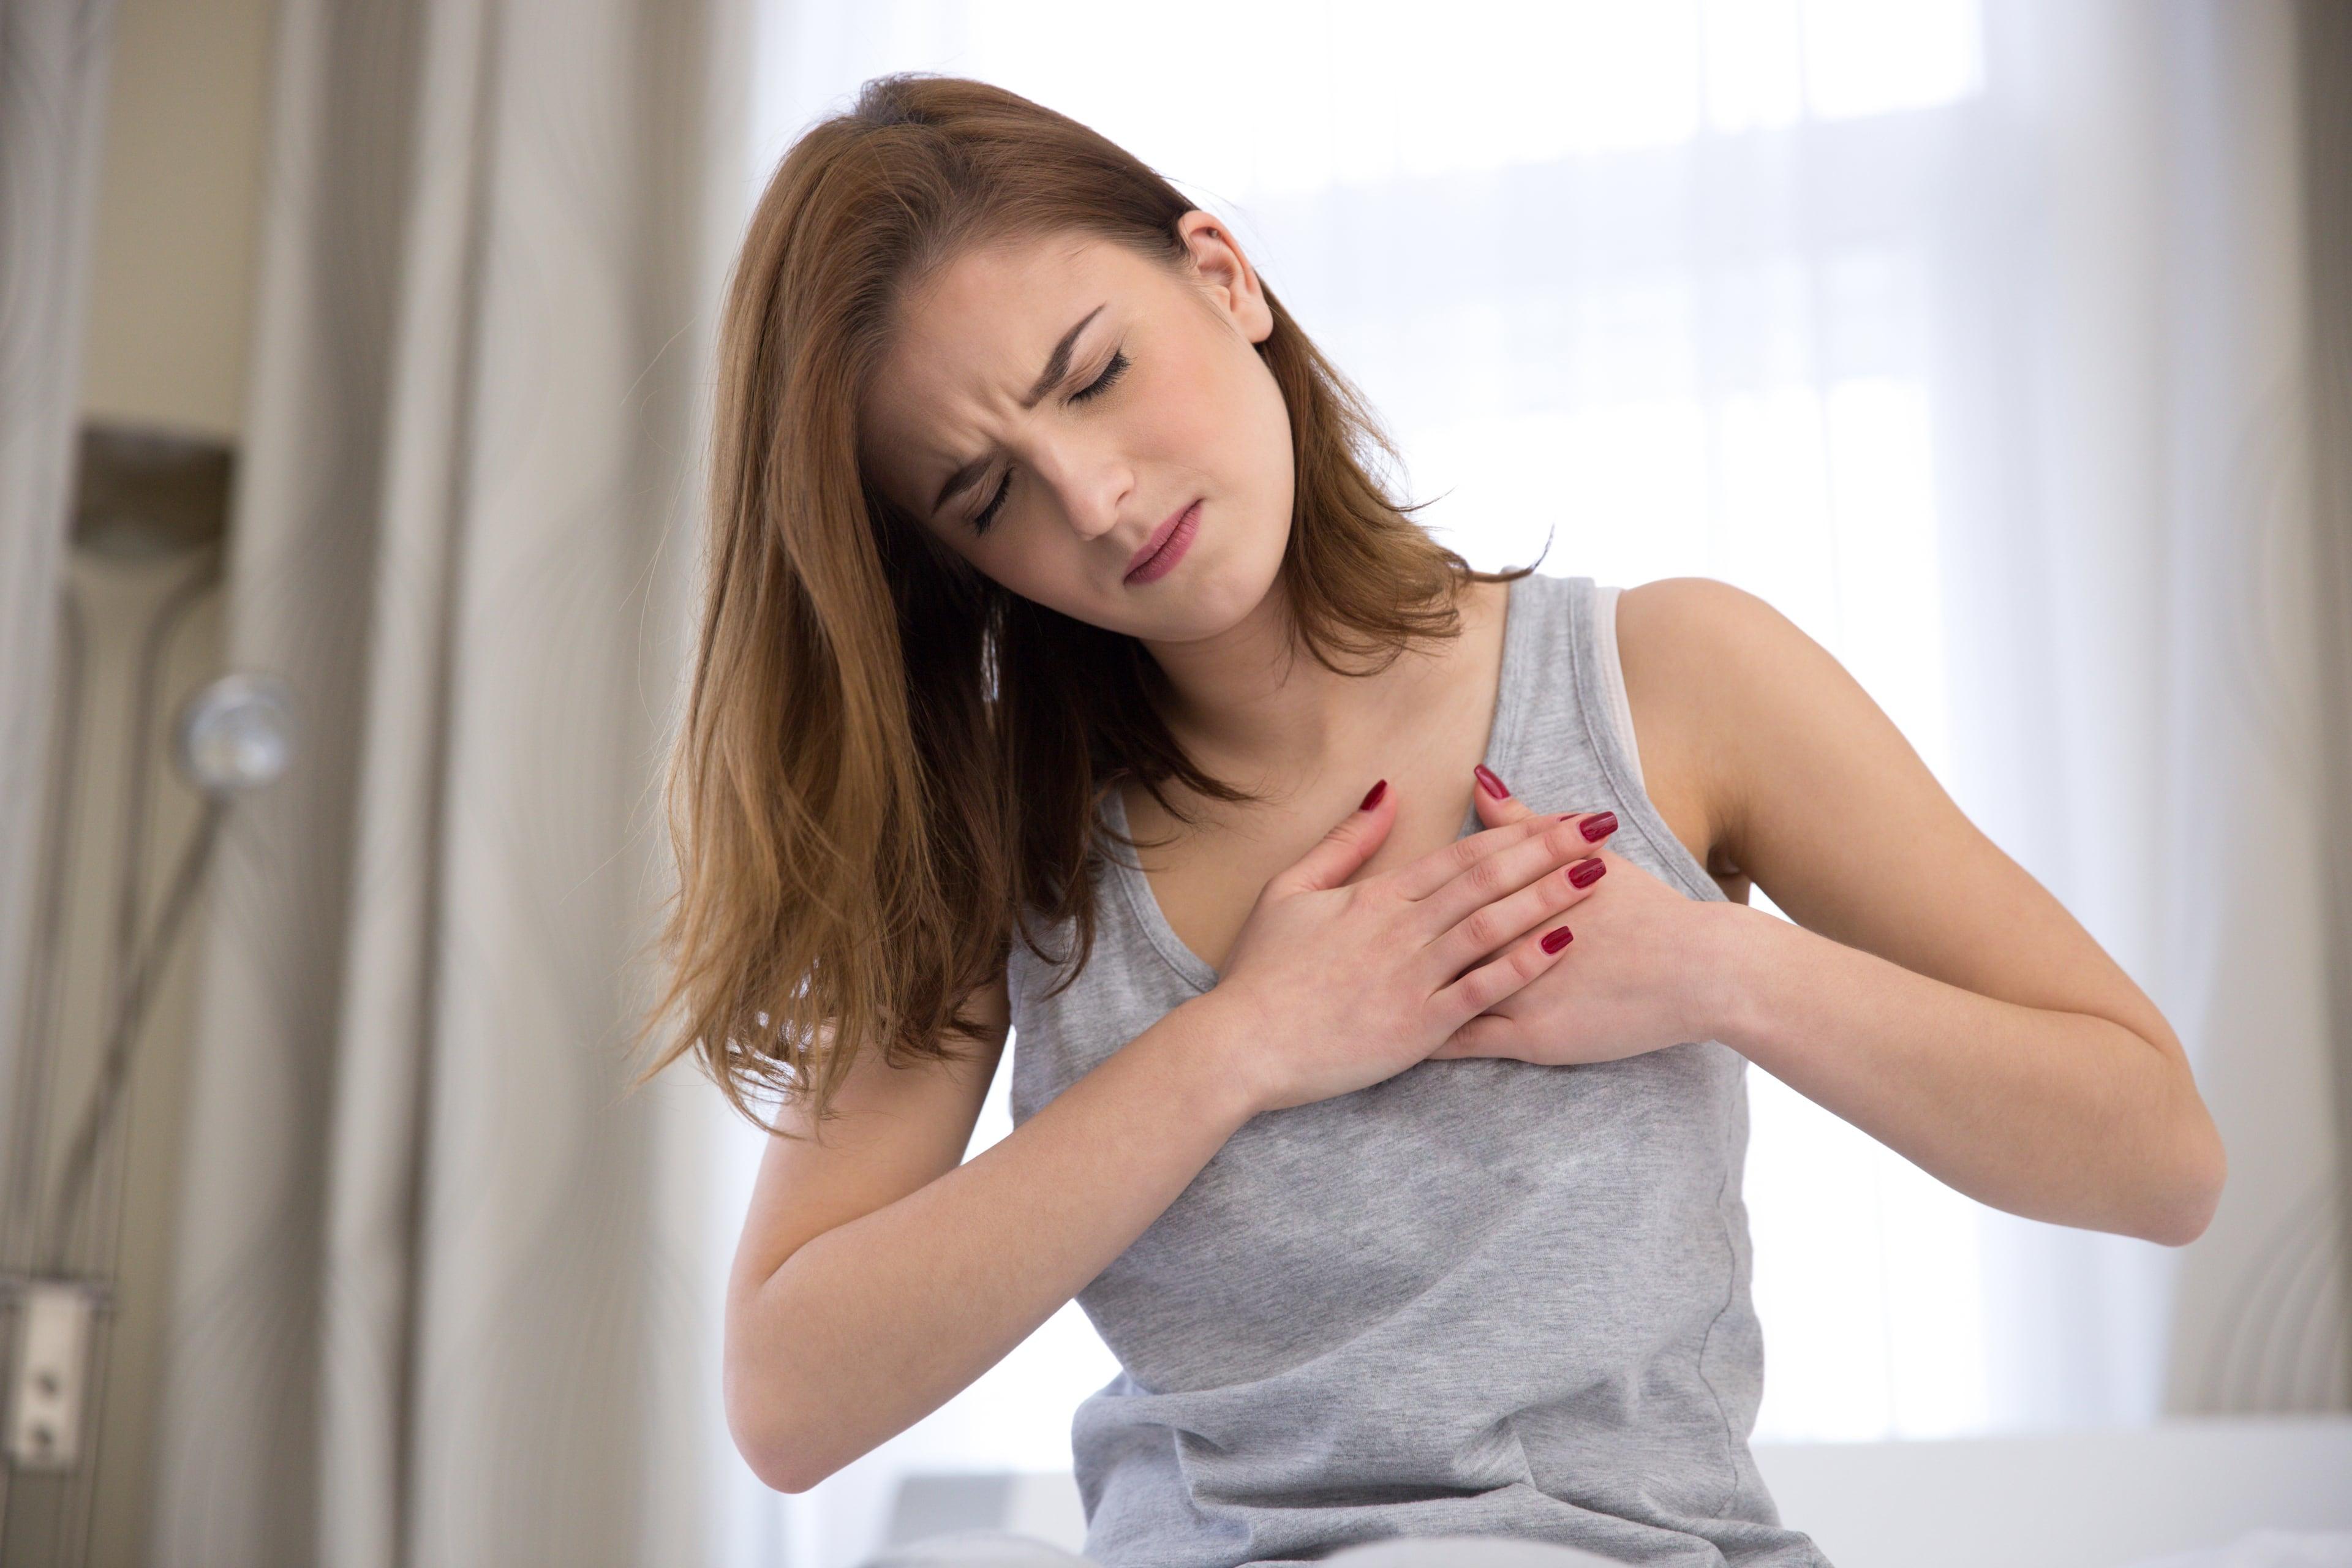 Листовидная фиброаденома молочной железы: симптомы, лечение